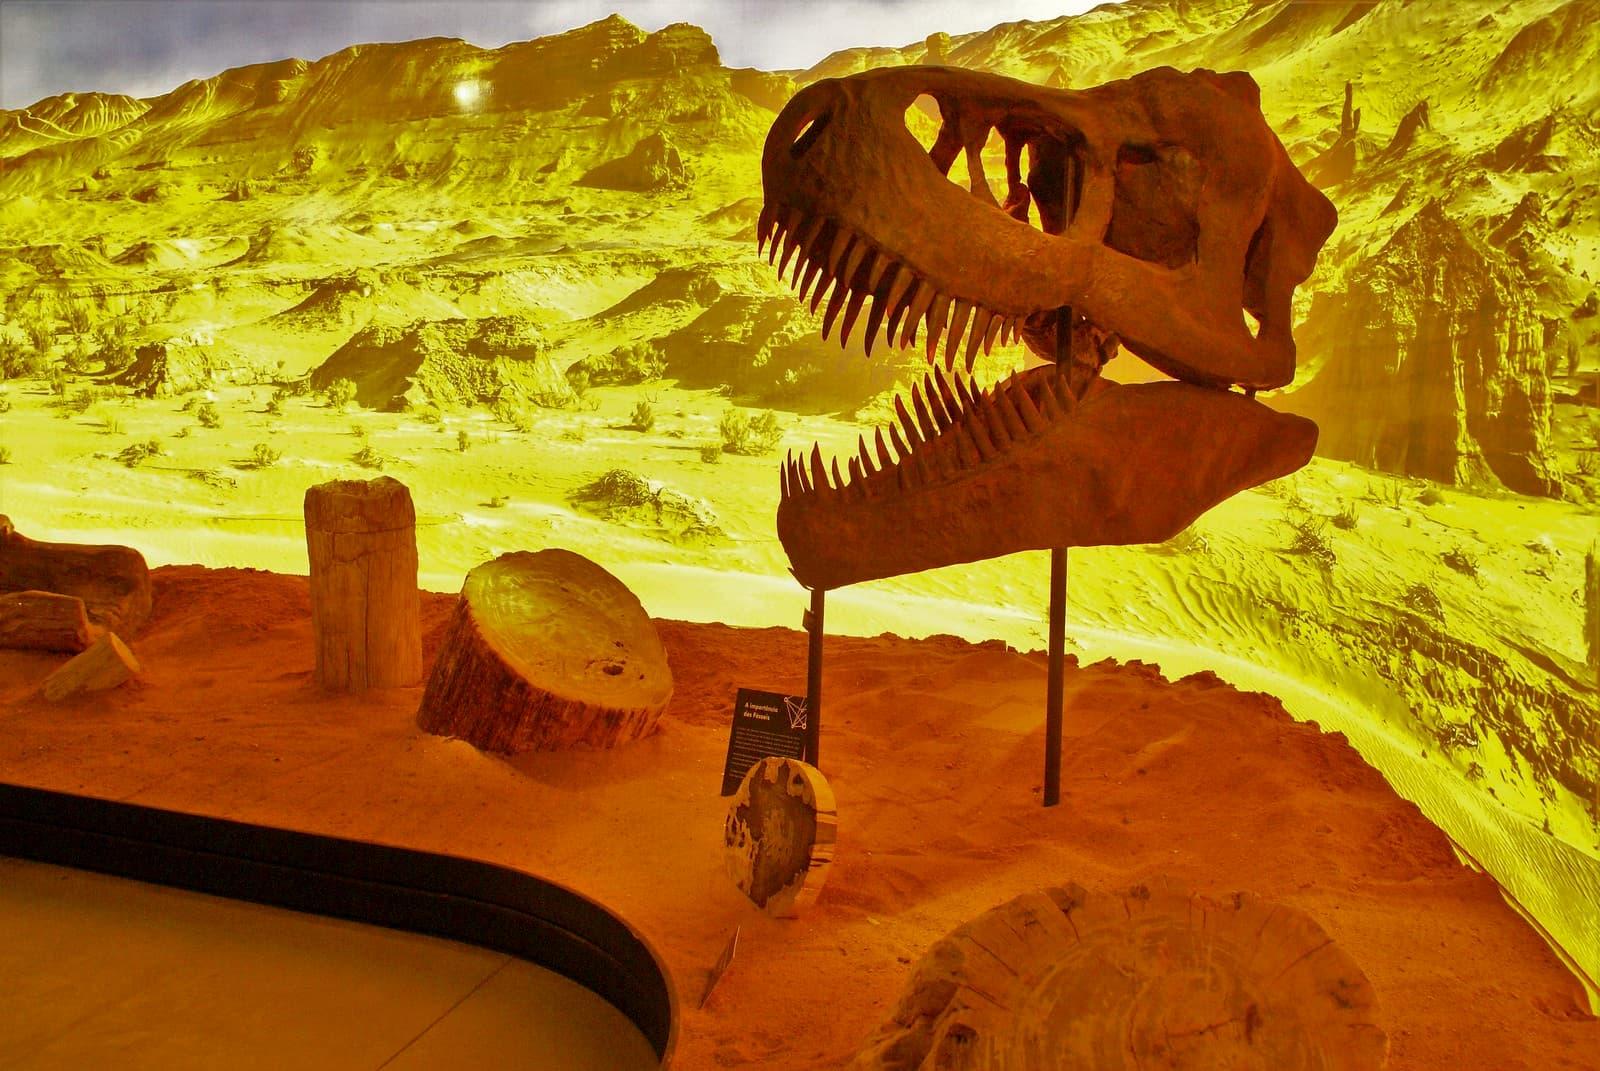 dinossauro em exposição no geo museu